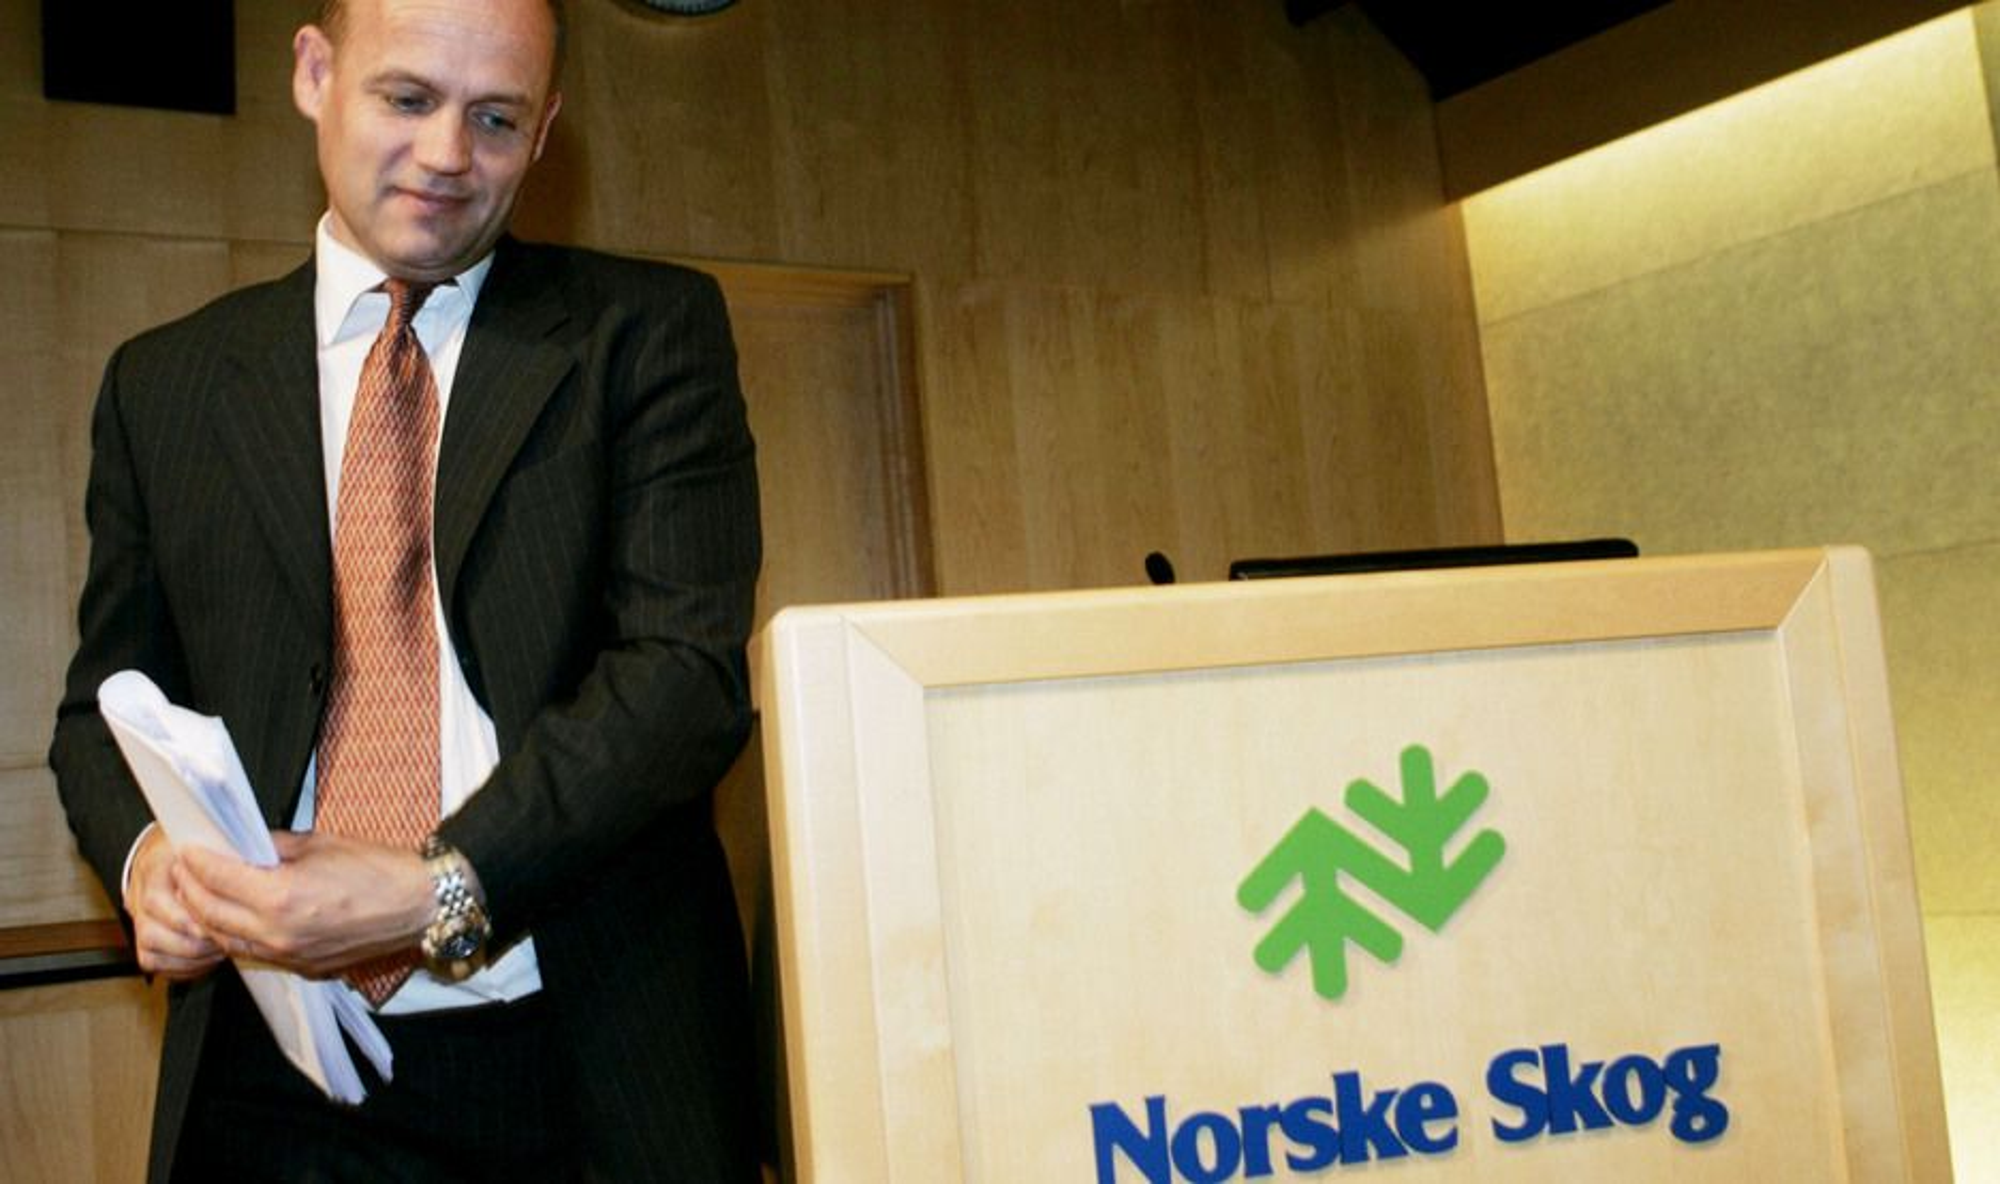 Emil Aubert mener Ffinansdirektør Andreas Enger i Norske Skog bør sparke annenhver ansatt.